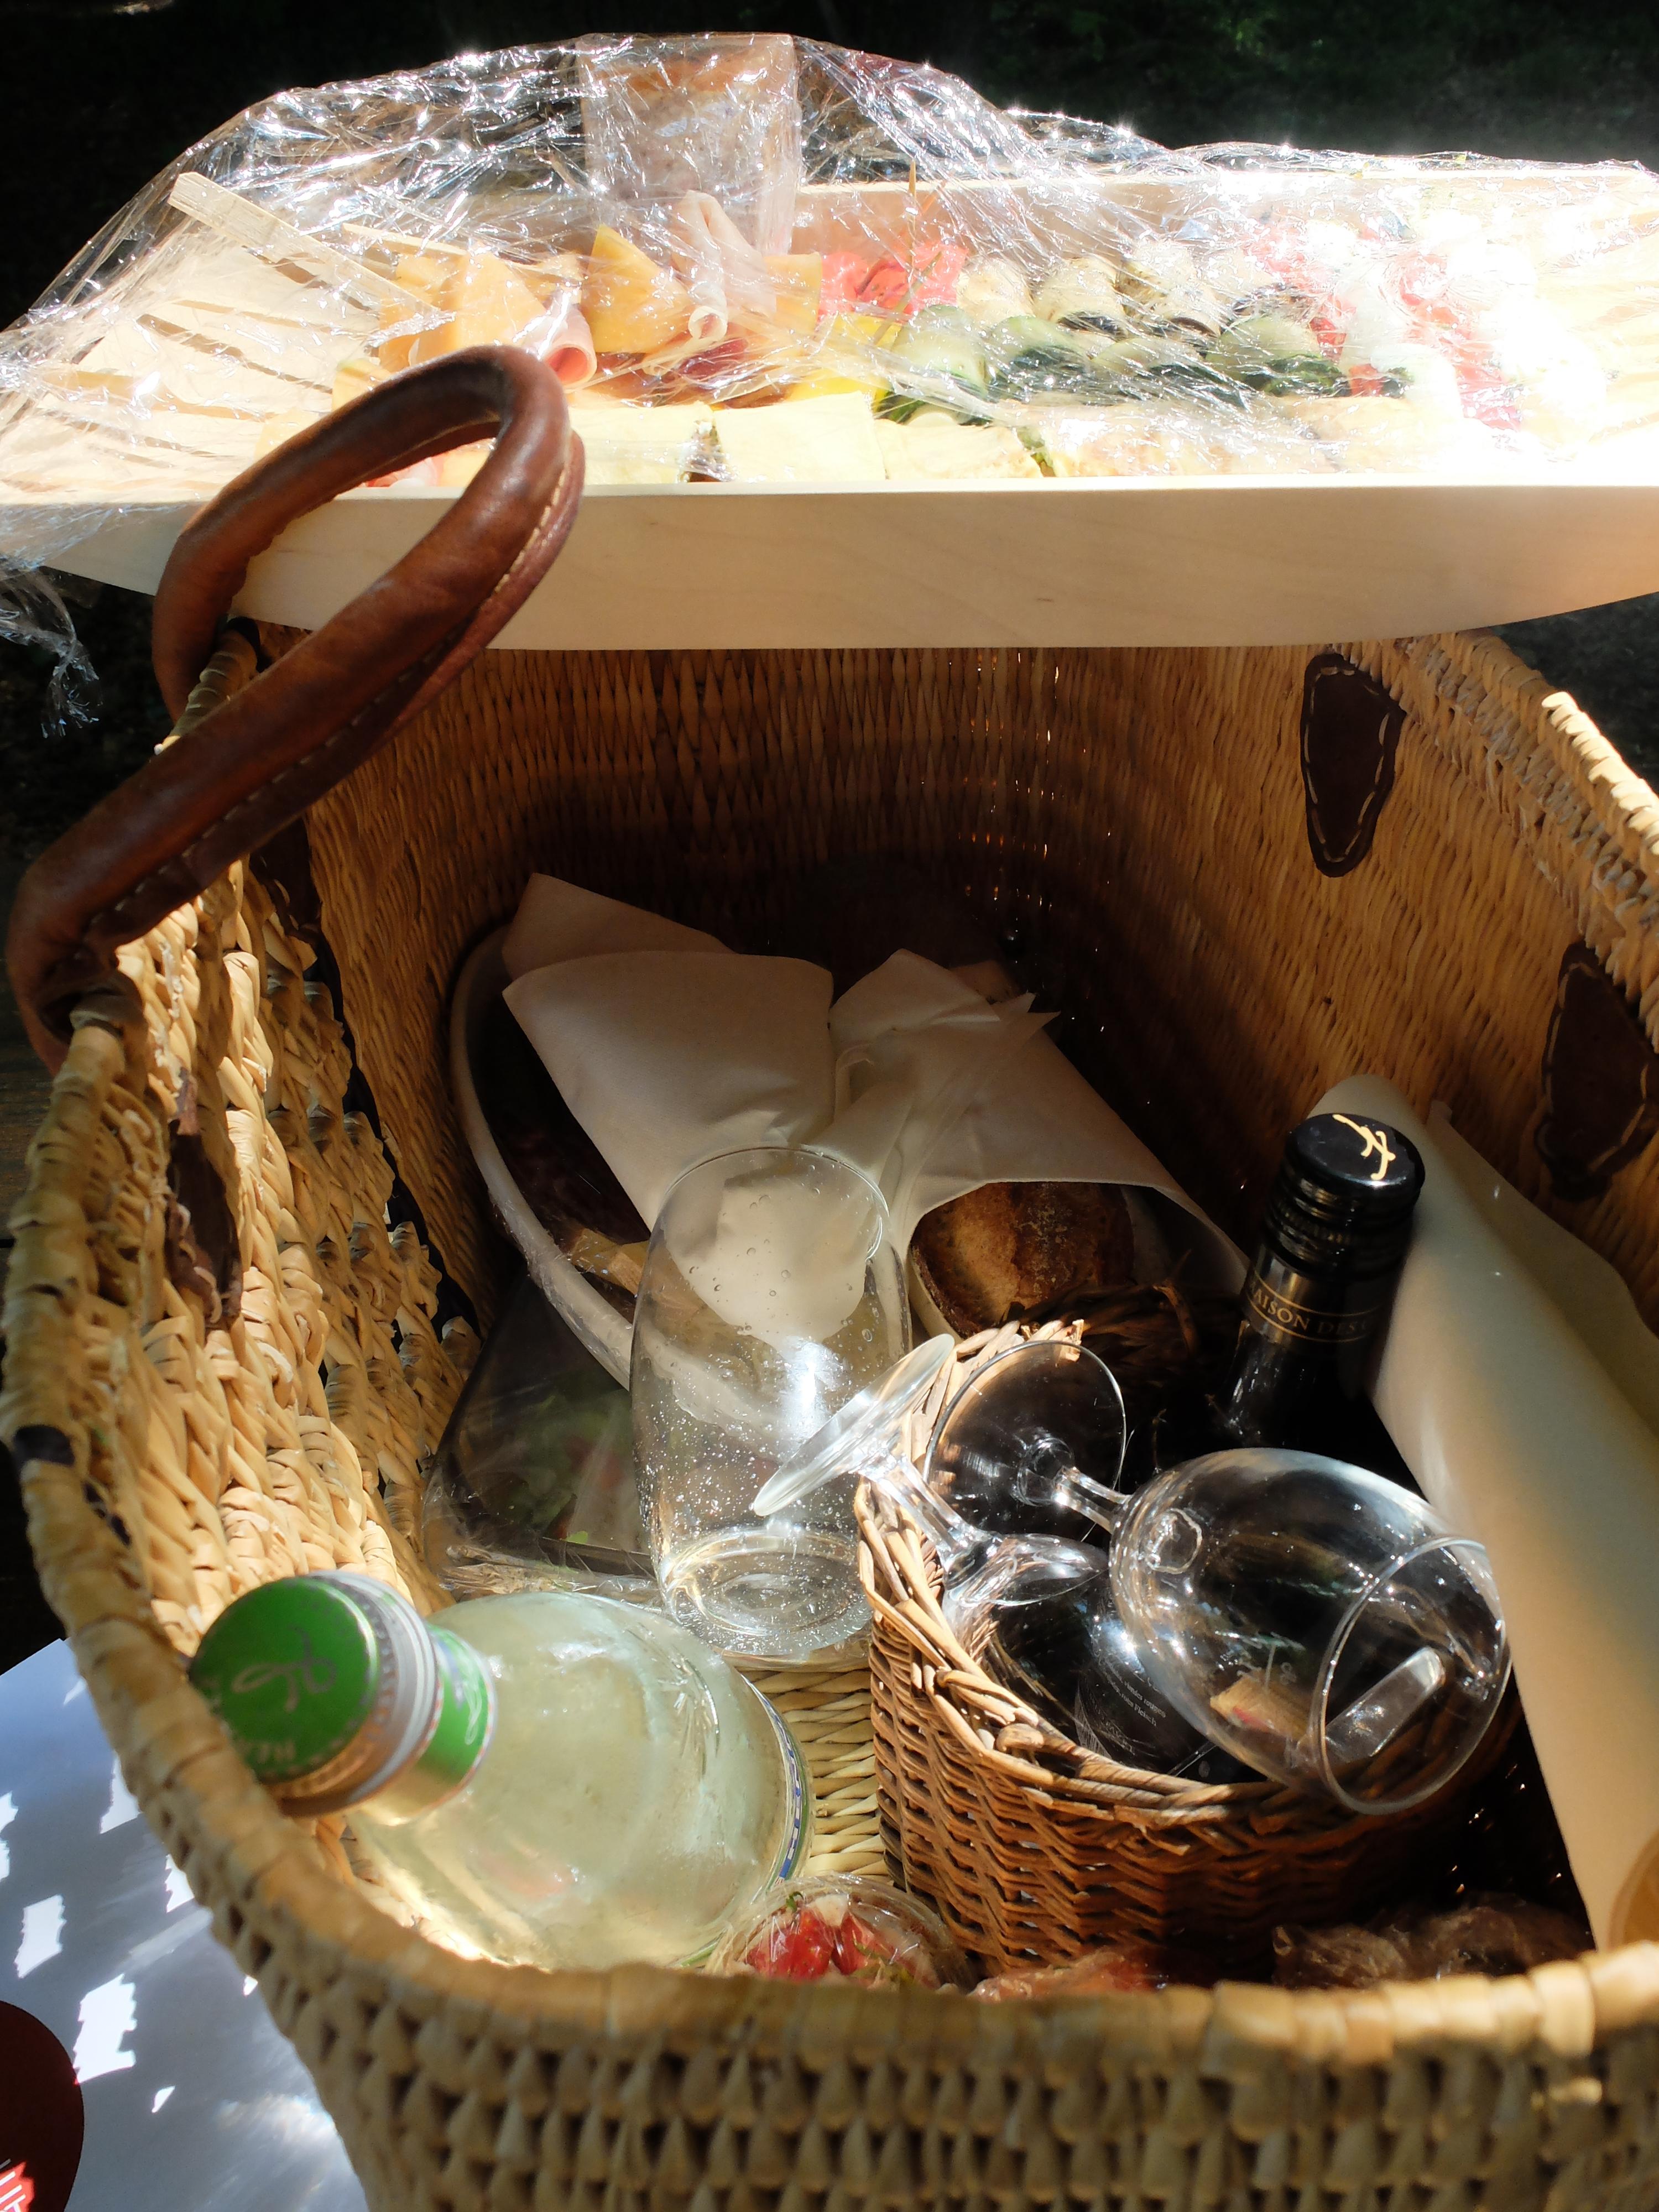 Déjeuner sur l'Herbe - Mormont (Suisse)